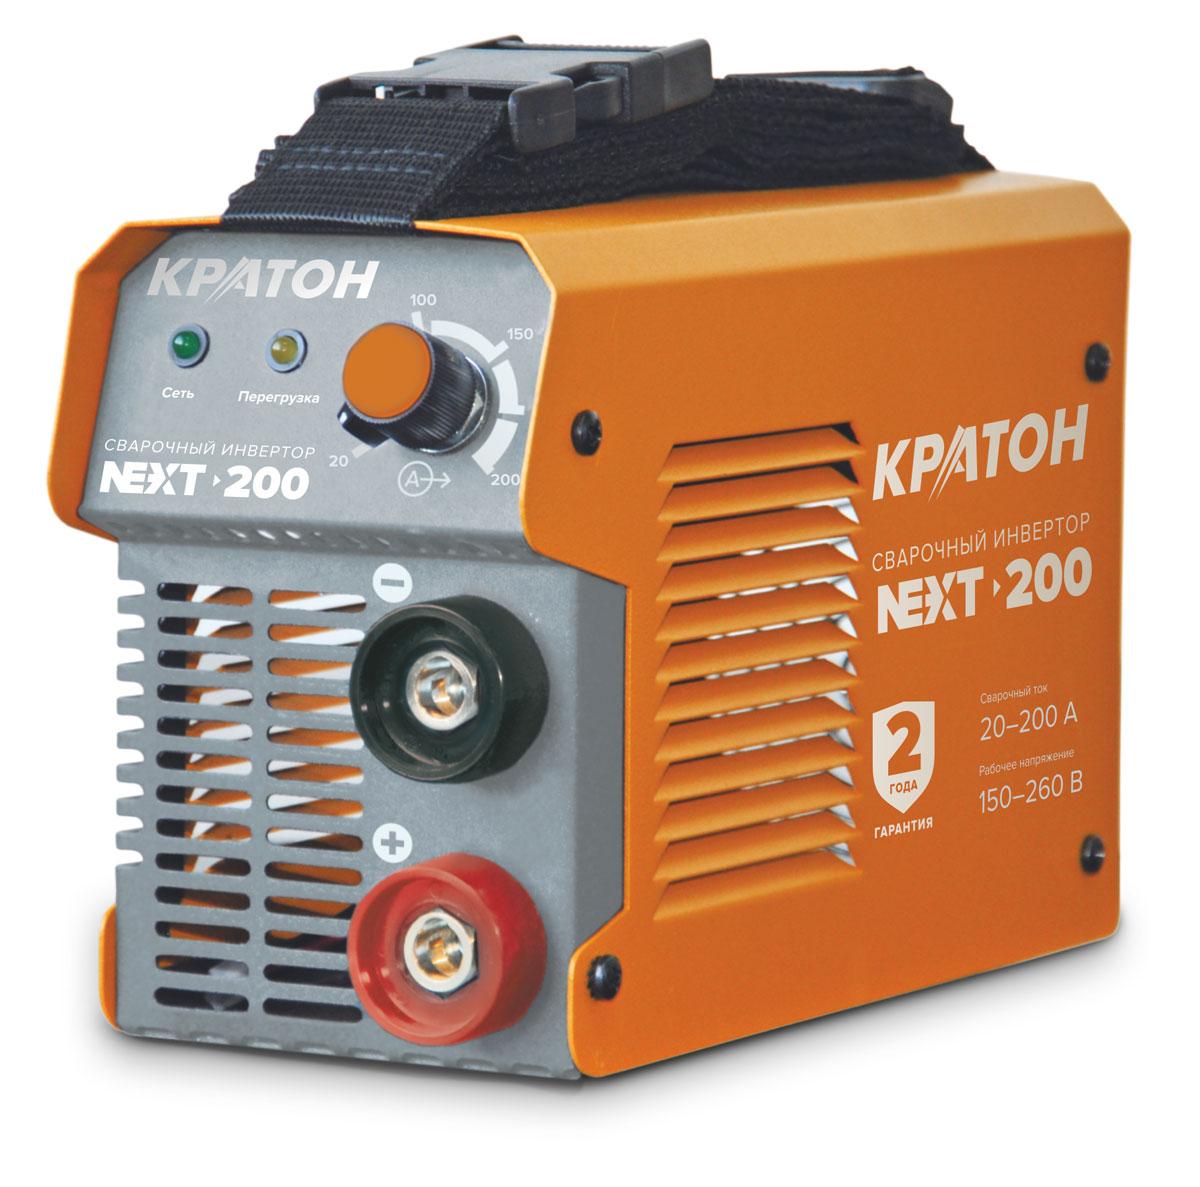 Инвертор сварочный Кратон NEXT-2003 04 02 015Конструктивные особенности: Напряжение питания: 220 v Частота тока, Гц 50 Максимальная потребляемая мощность, кВт 7,7 Род сварочного тока: постоянный Выходной сварочный ток, А 20–200 Напряжение на холостом ходу, В 65 Сварочный цикл (ПВ), % / А при температуре окружающего воздуха: +20 °С 60/200 Диаметр используемых электродов, мм 1,6–5,0 Масса, кг 3,6.